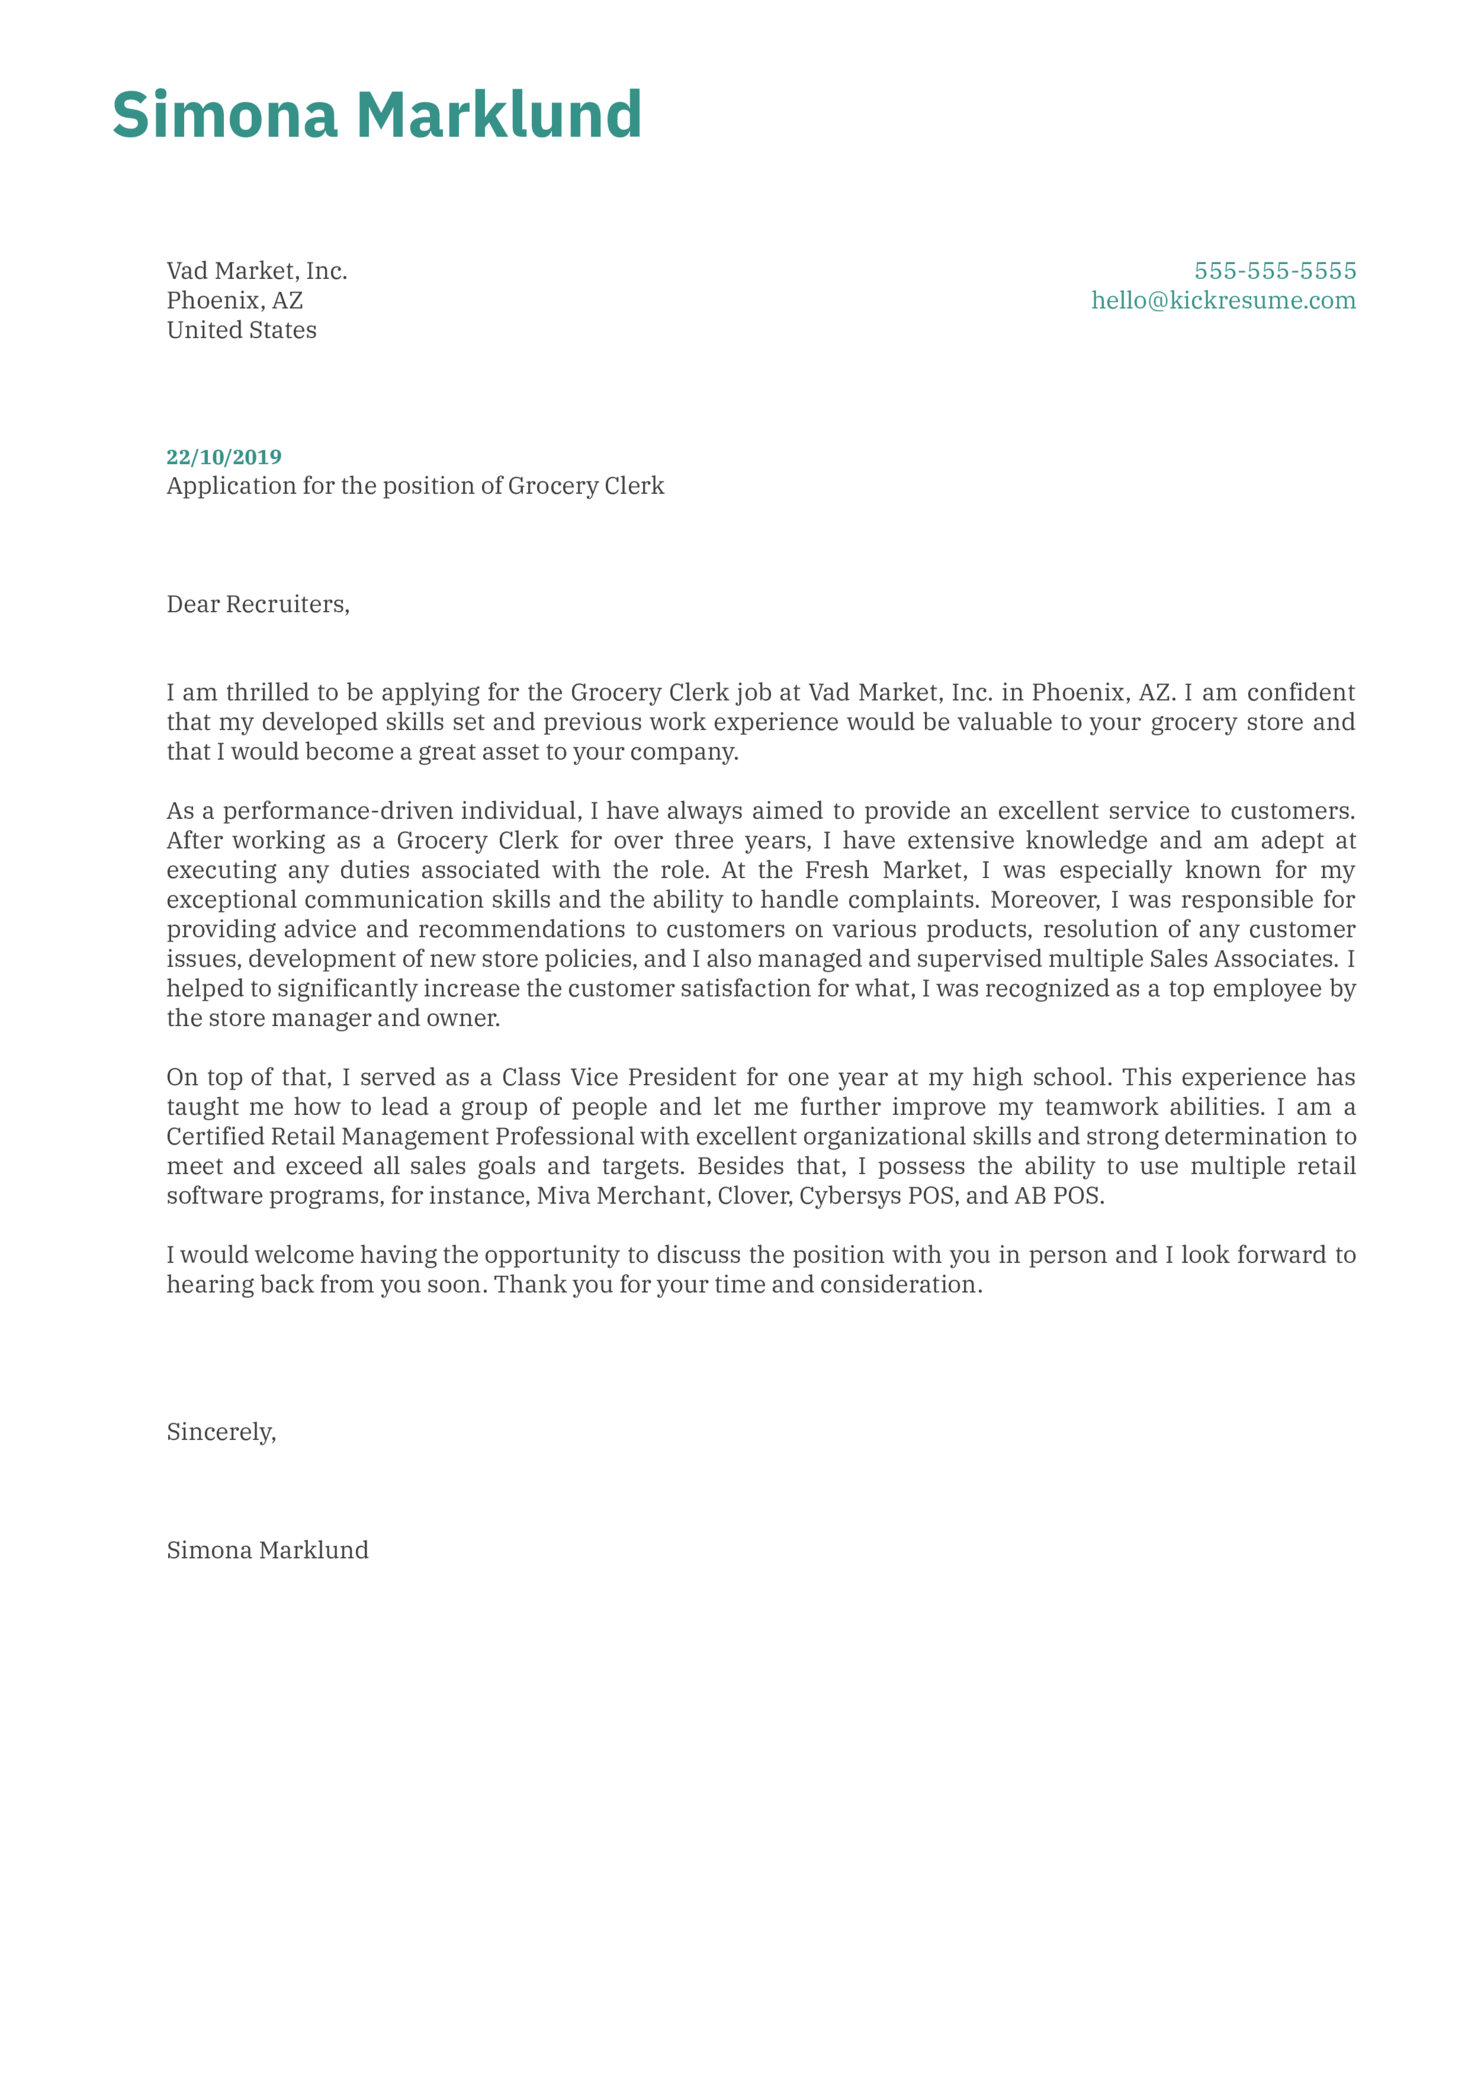 Grocery Clerk Cover Letter Sample